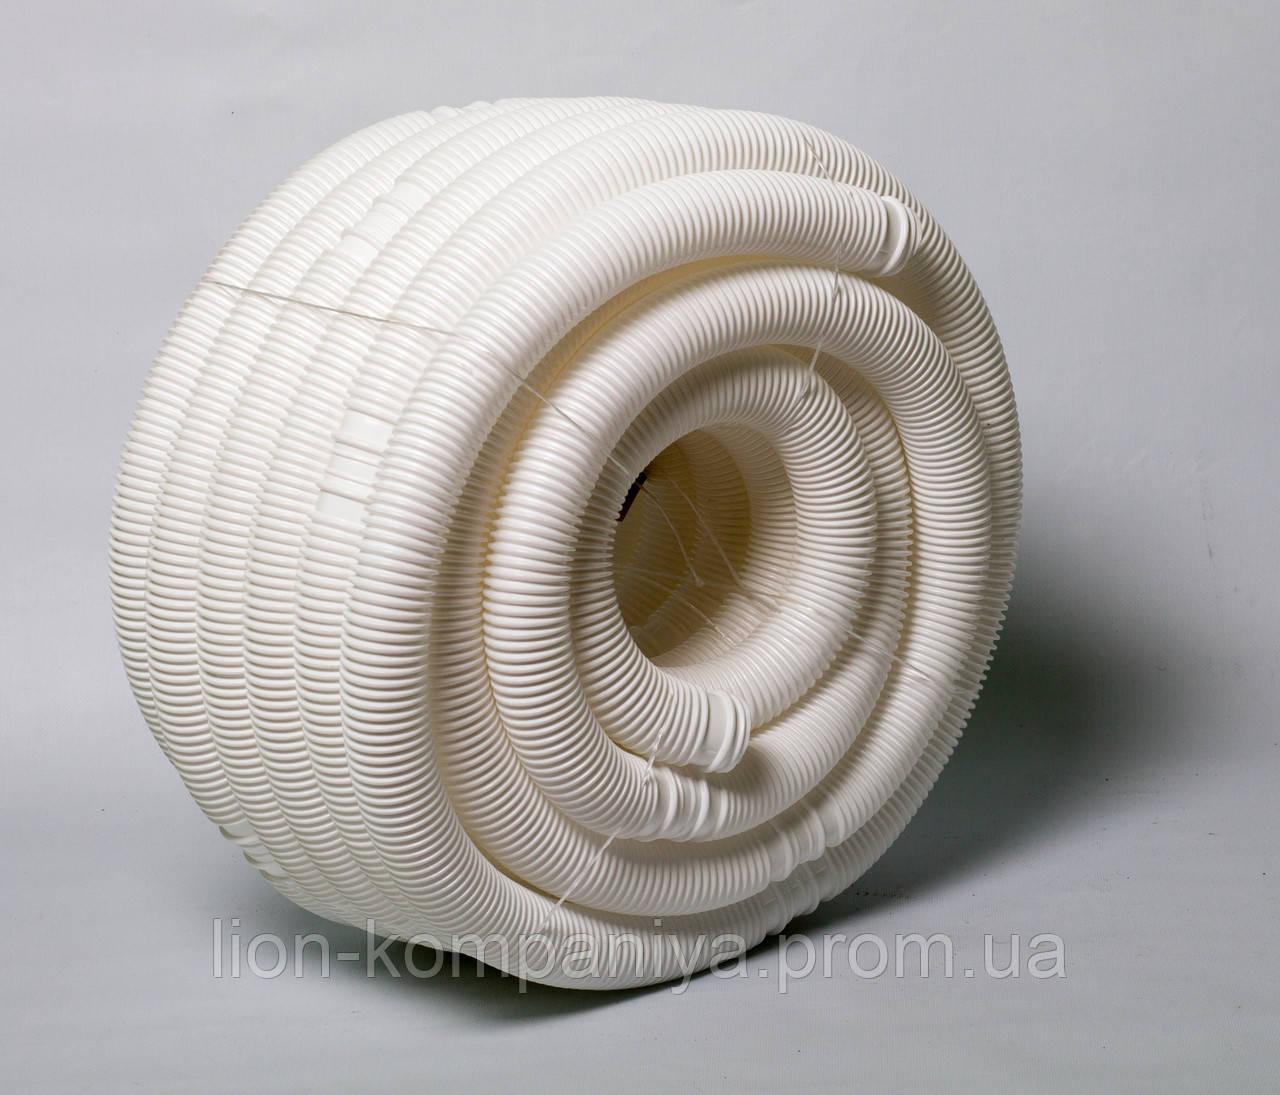 Гофра сифонная для систем канализации, 40мм белая (80см) - КОМПАНИЯ ЛИОН в Днепре